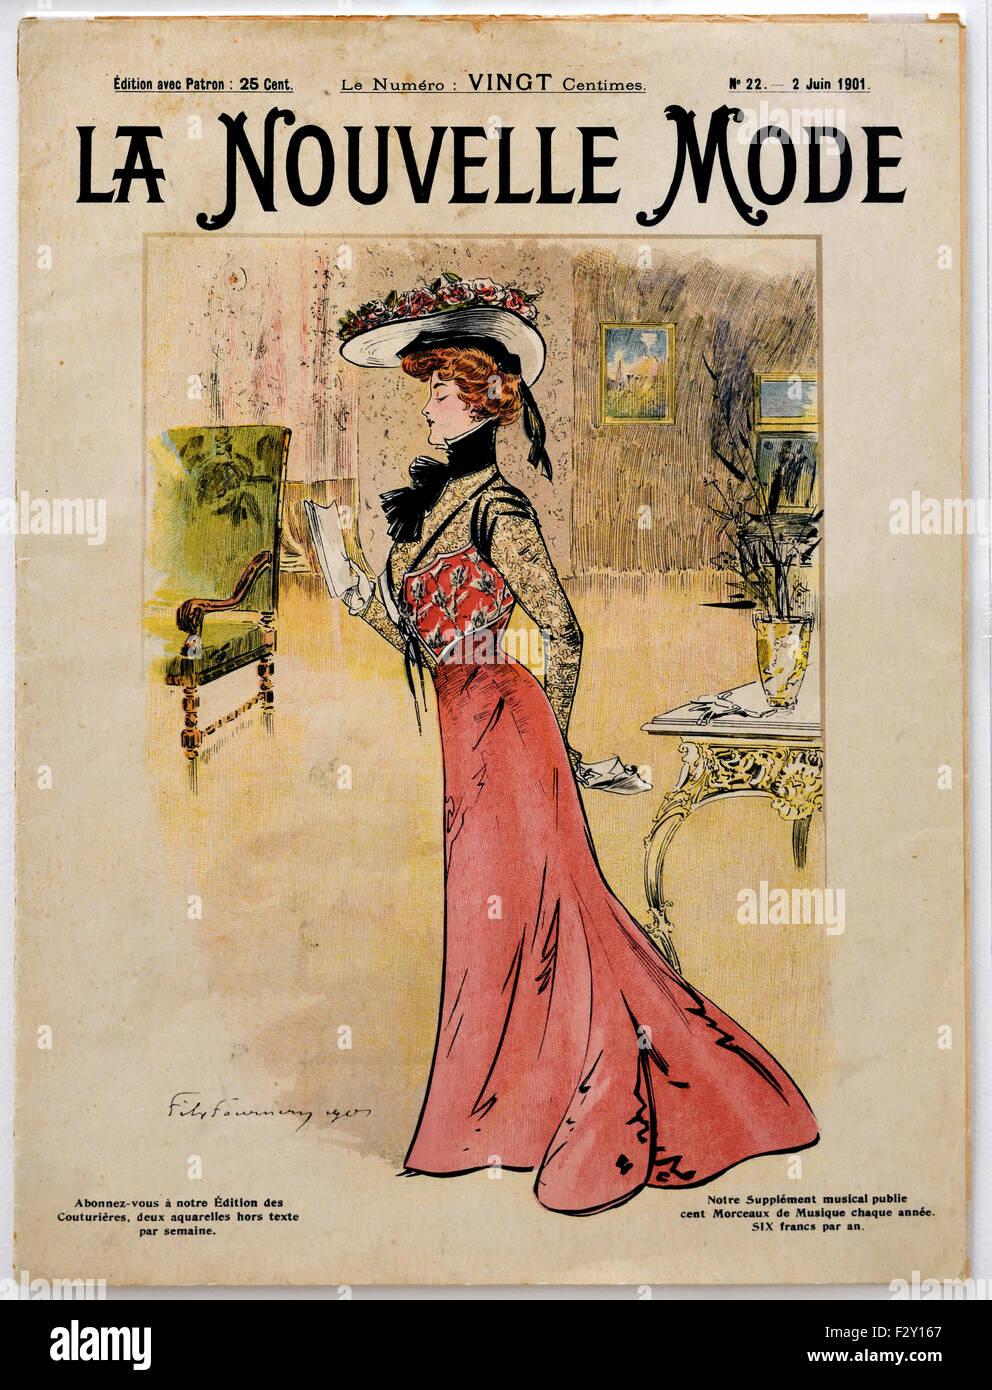 La Nouvelle Mode 1900  French Paris (fashion couture designer clothes art ) - Stock Image